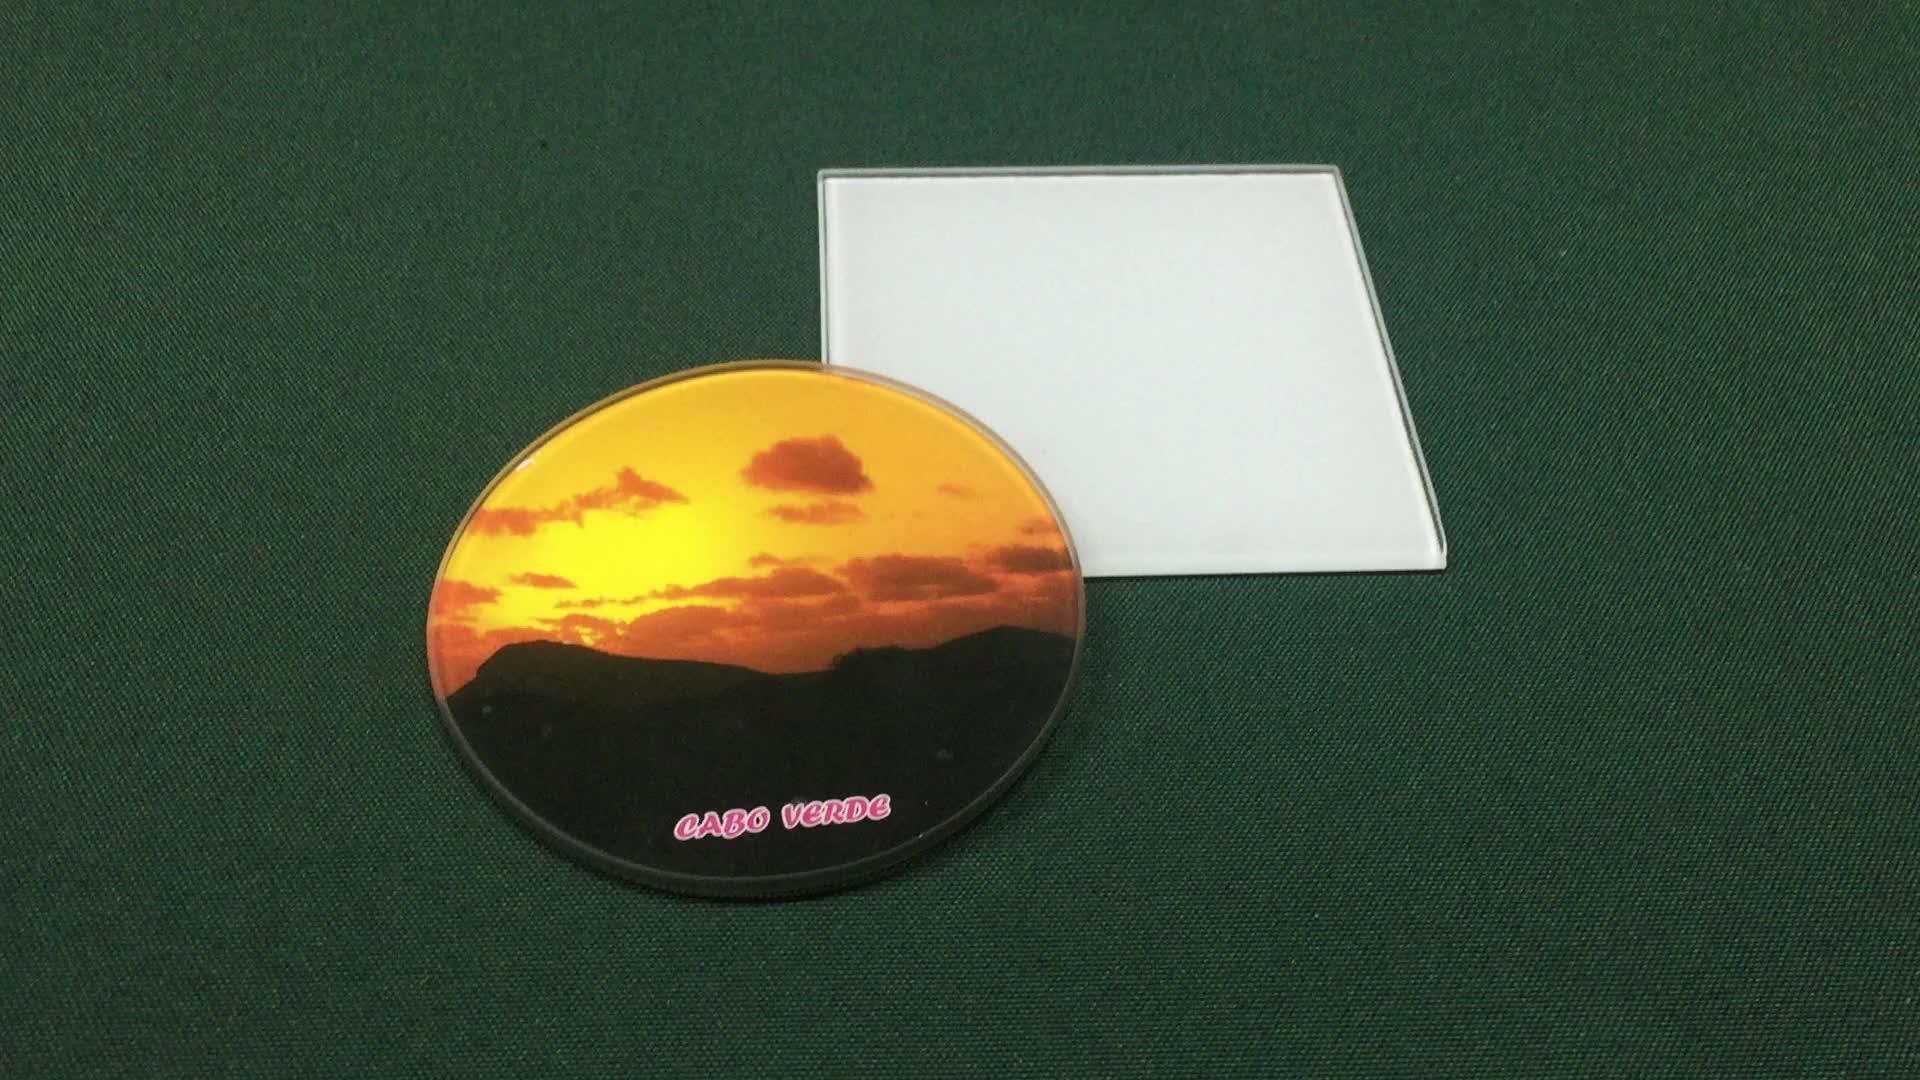 Conjuntos de vidro coaster coaster redondo de vidro temperado barato Sublimação em branco